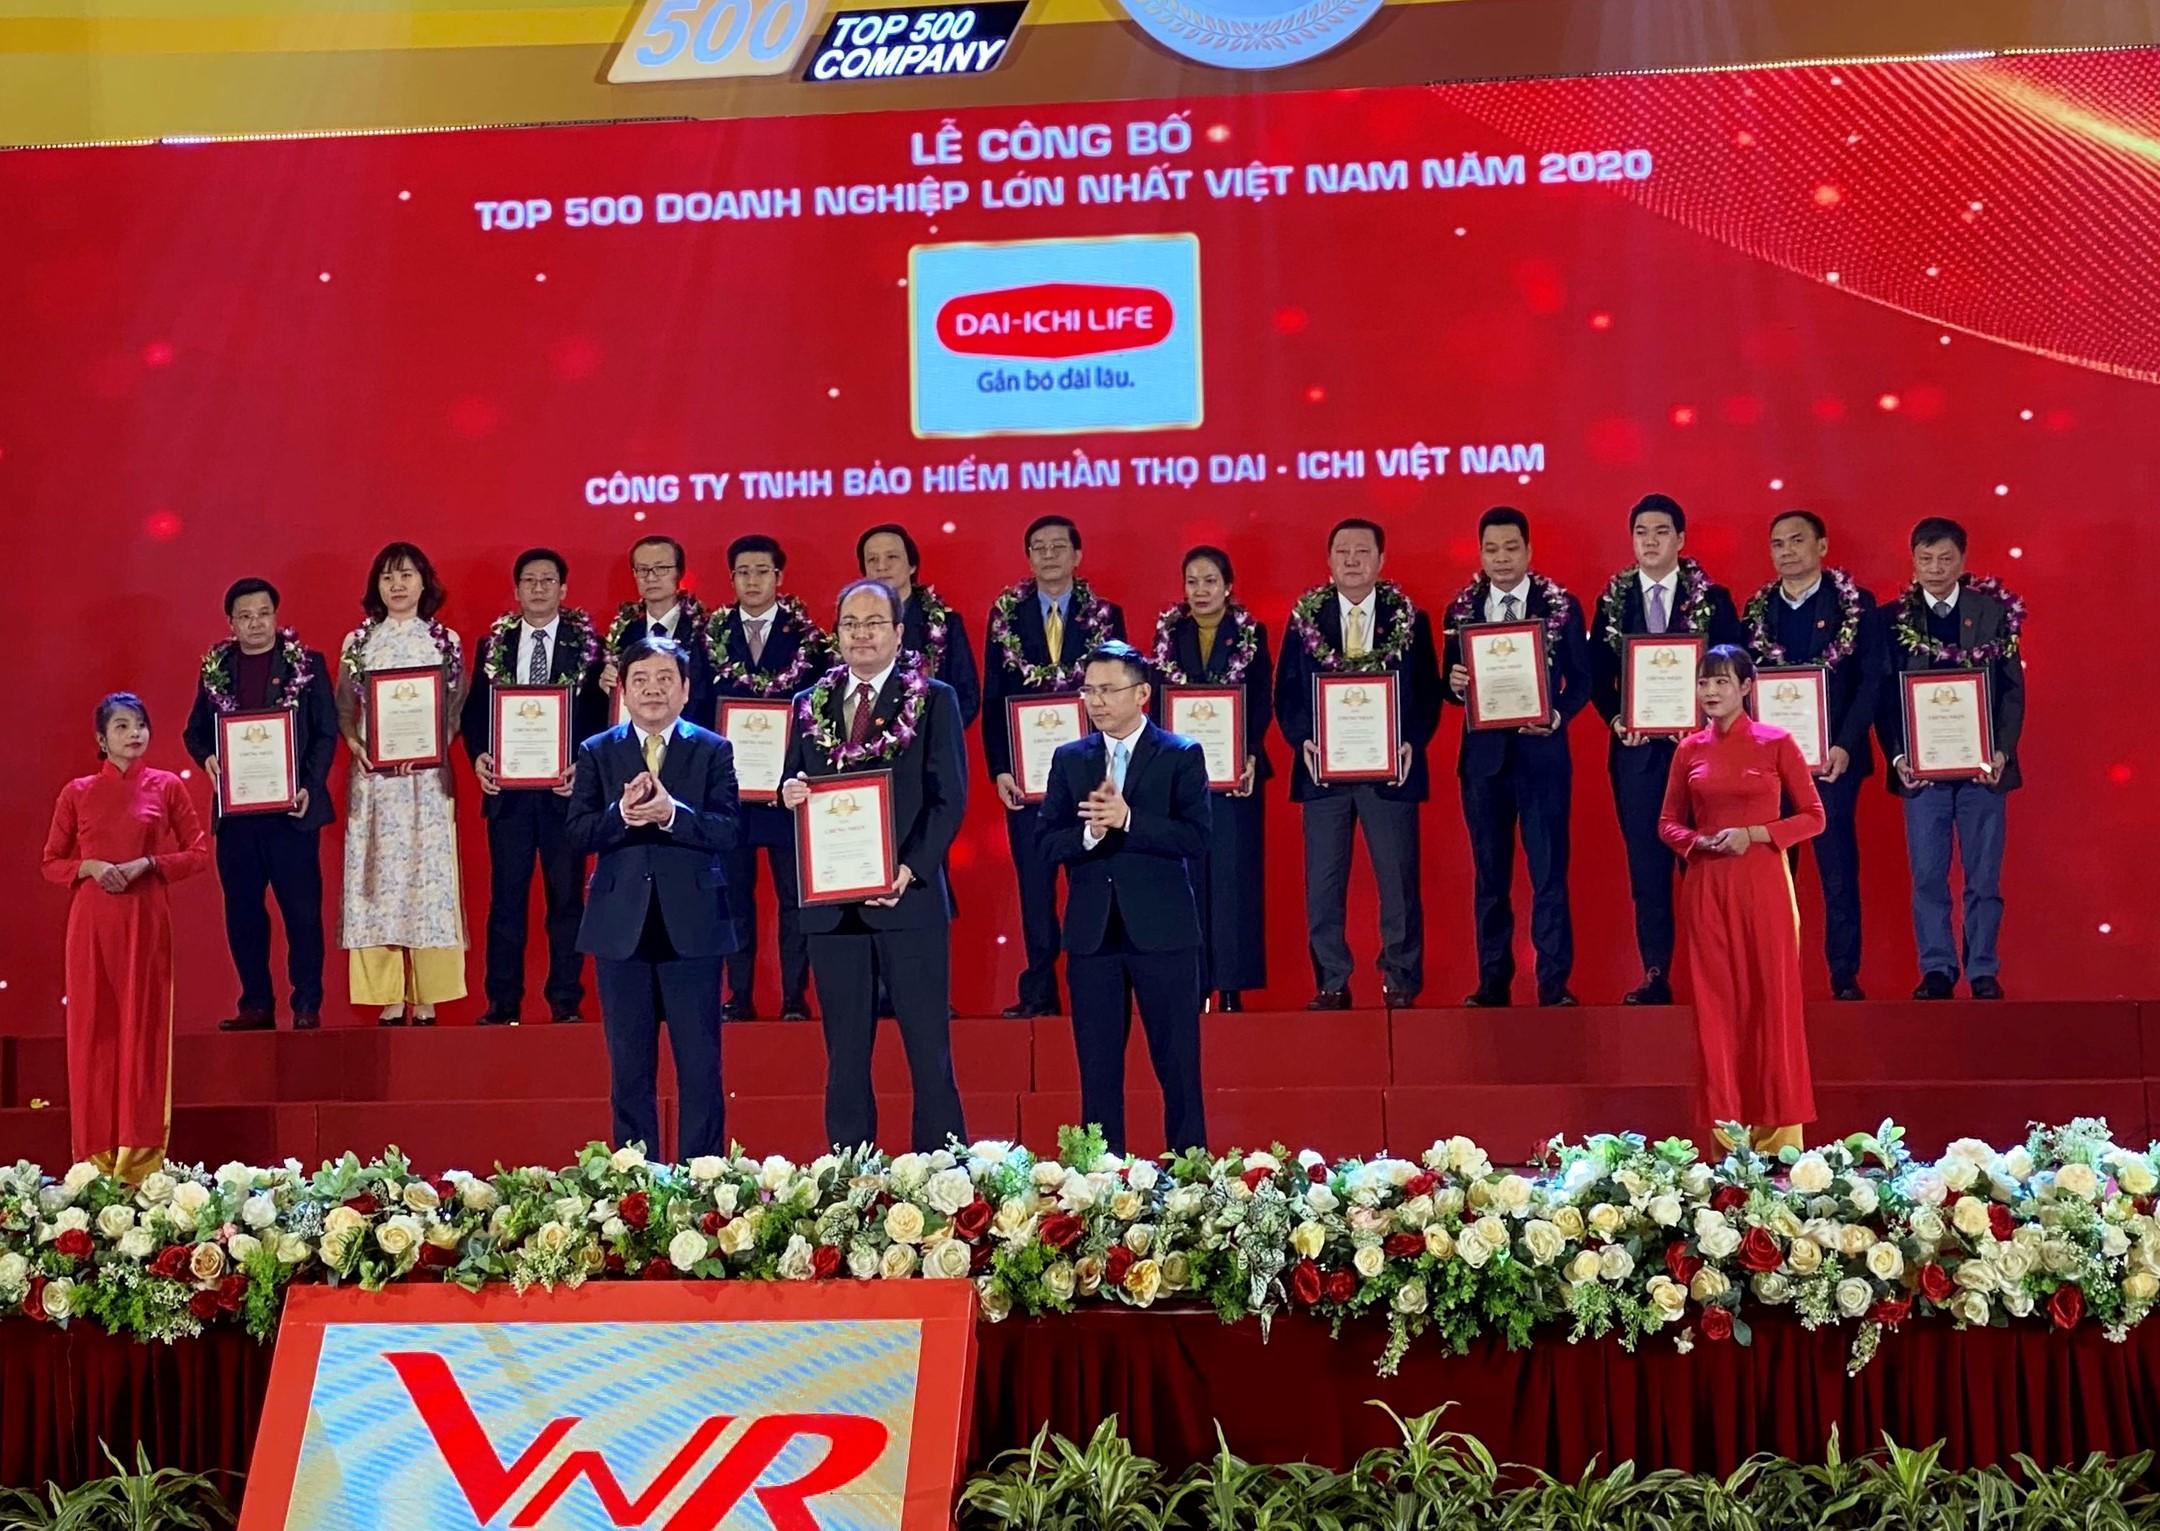 Dai-ichi Life Việt Nam đạt hạng 100/500 doanh nghiệp lớn nhất Việt Nam năm 2020